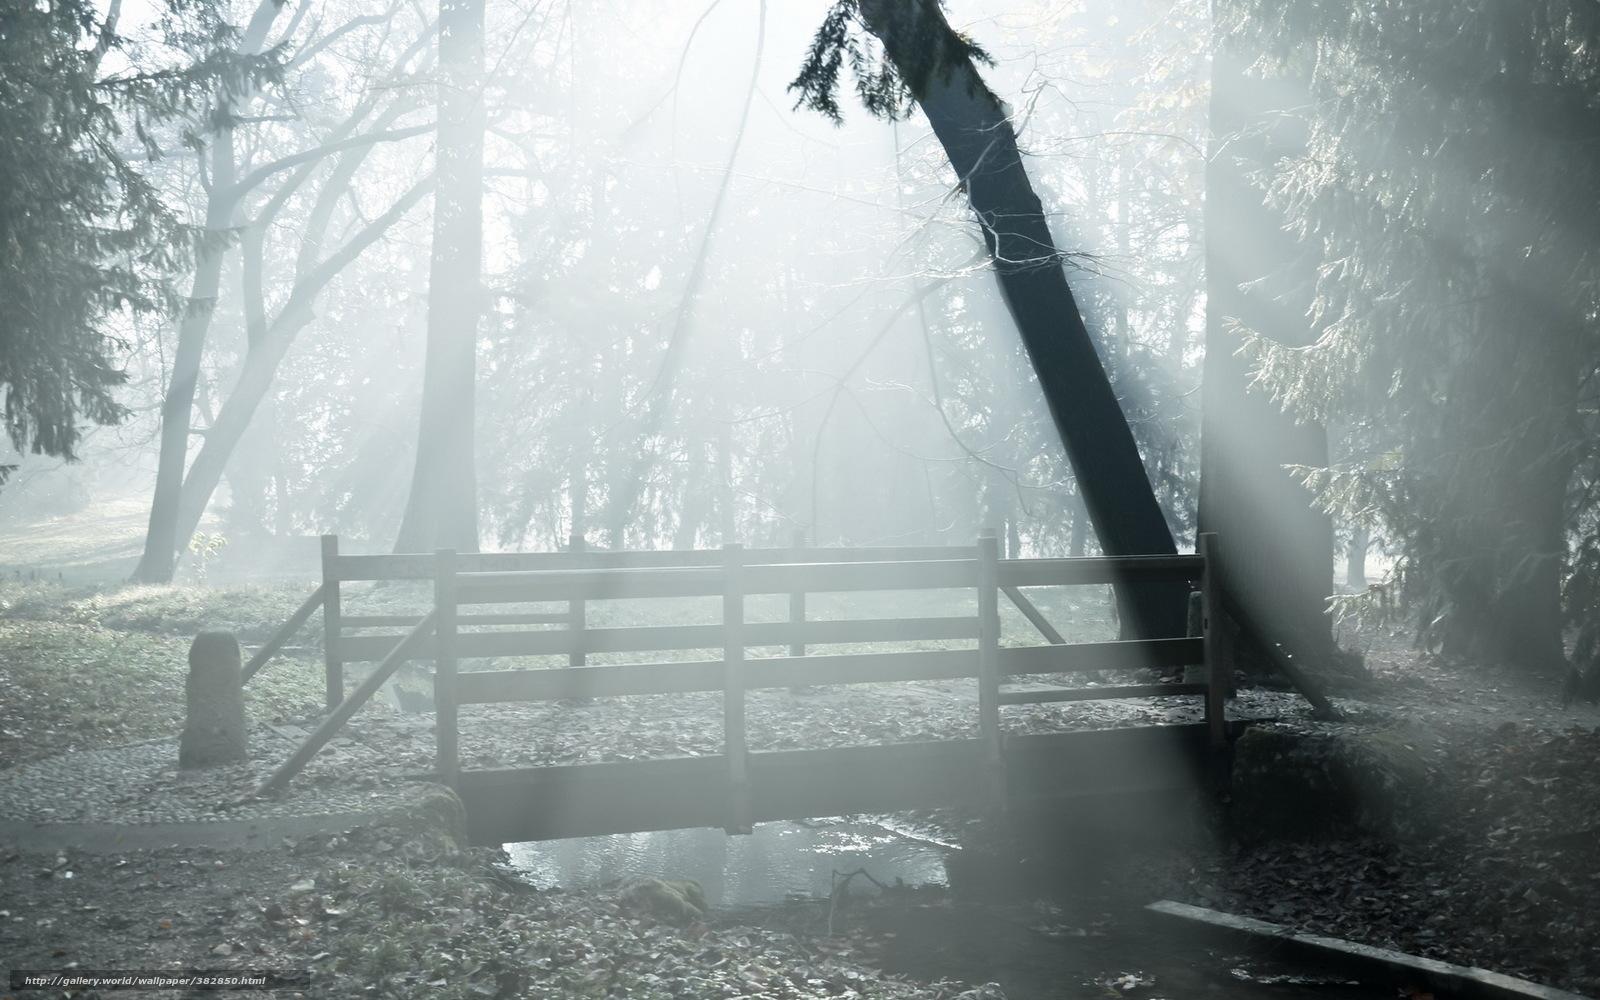 pobra tapety park,  most,  mga,  krajobraz Darmowe tapety na pulpit rozdzielczoci 1680x1050 — zdjcie №382850